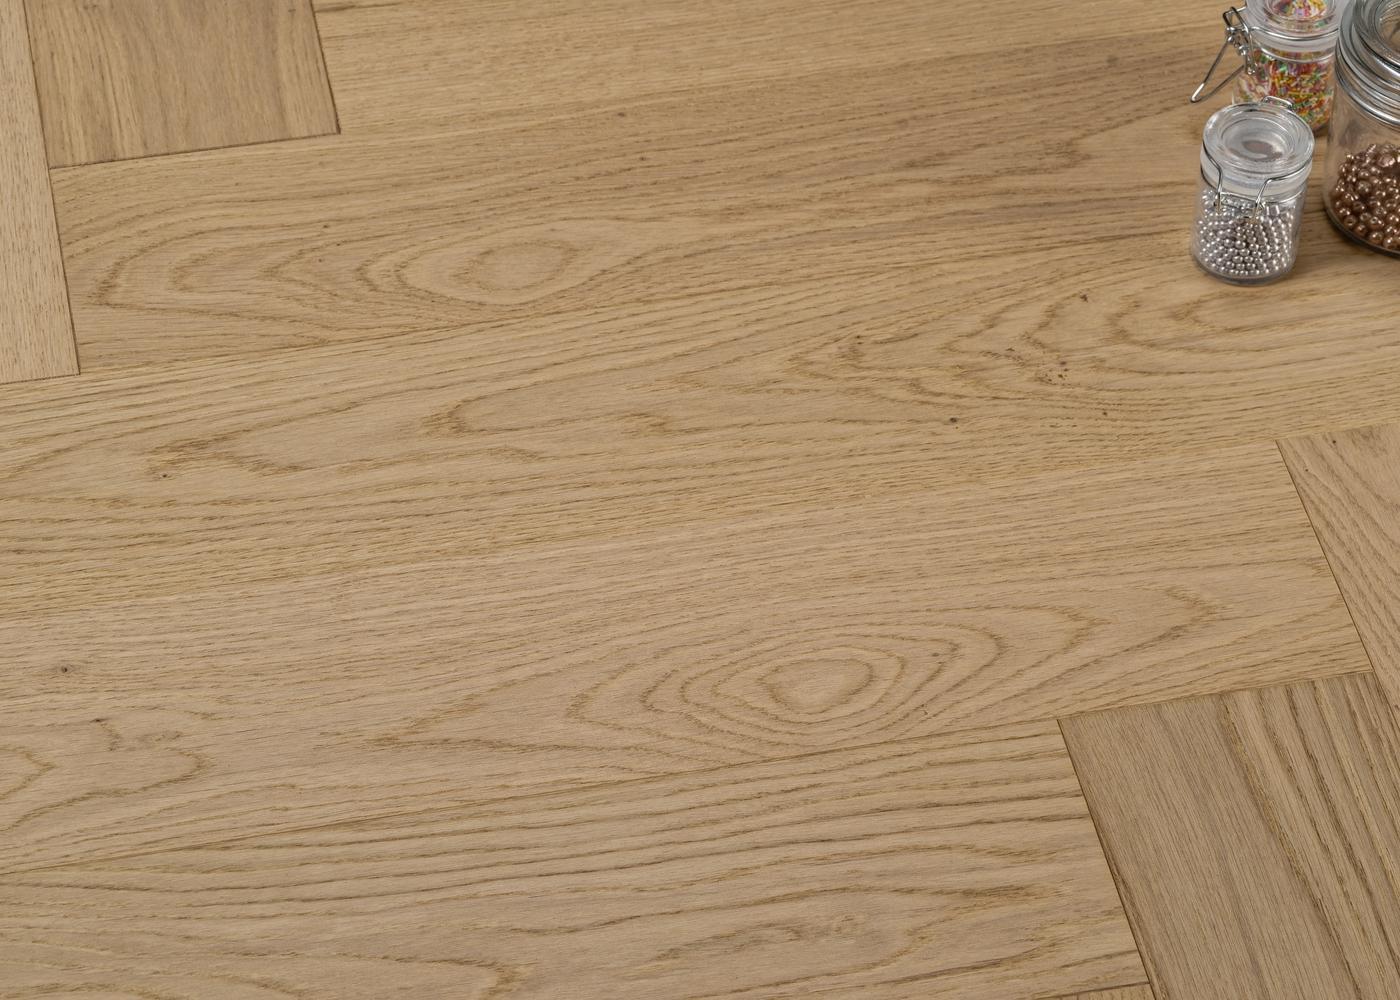 Parquet chêne contrecollé CÔME Bâton Rompu brossé vernis mat Select support HDF 10x92x610